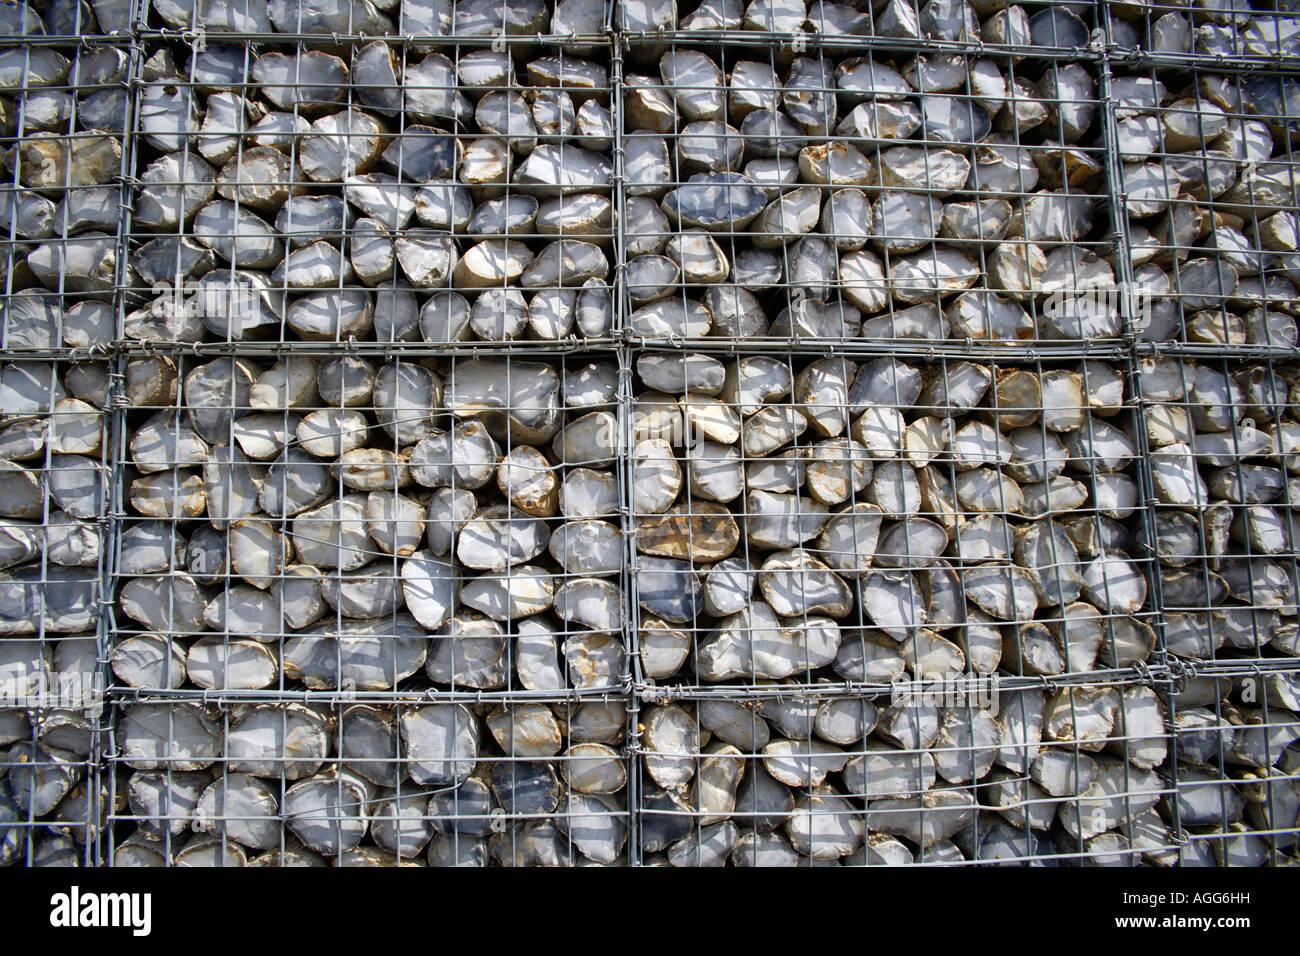 Las defensas costeras - Gaviones apilados Imagen De Stock